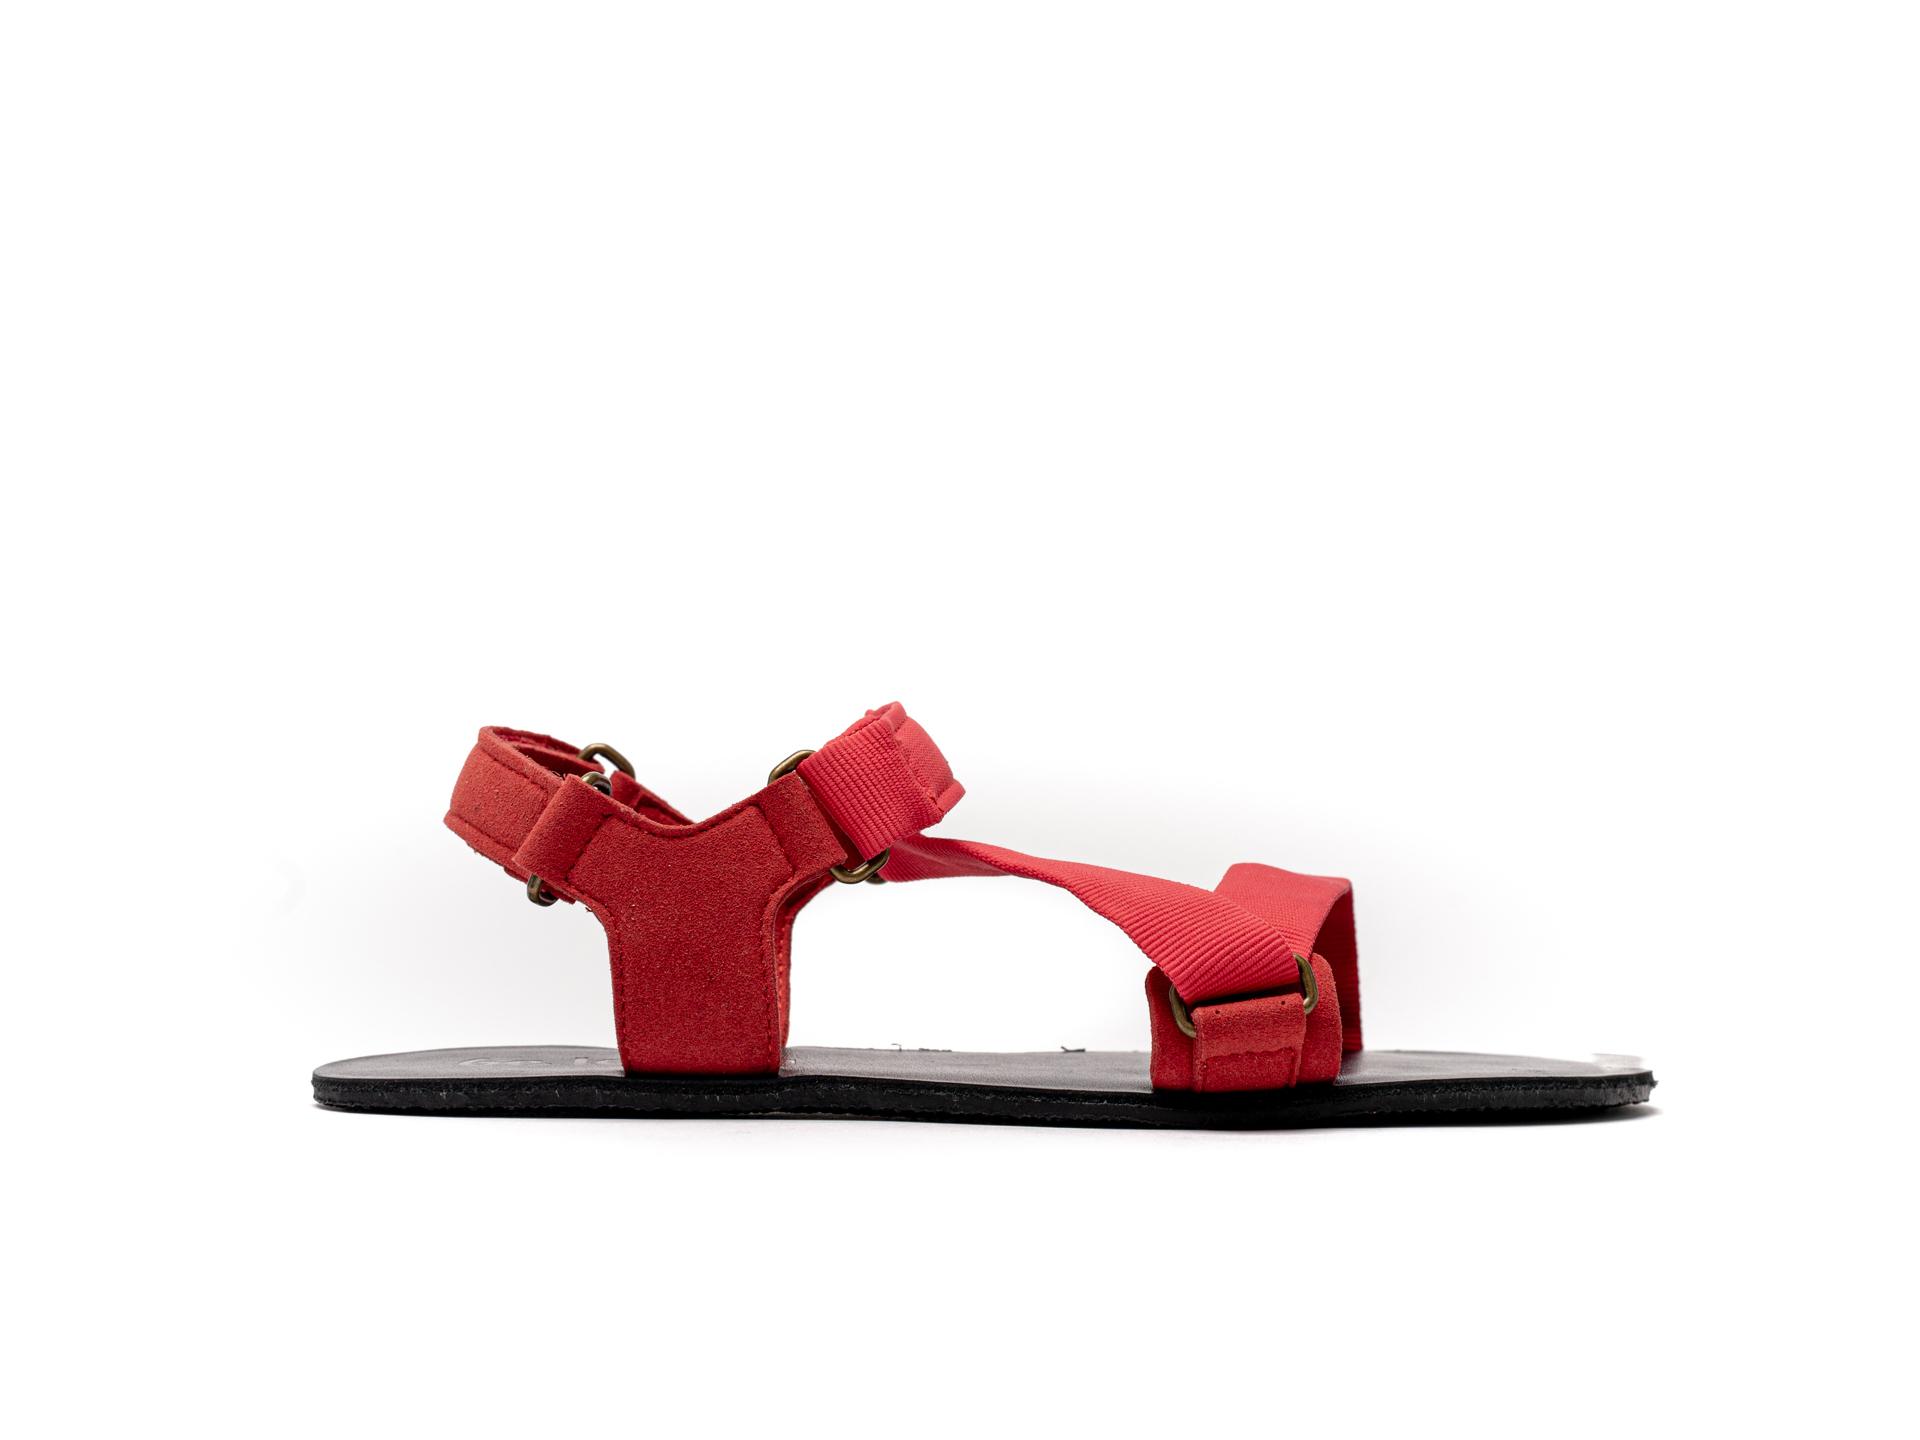 Barefoot Sandals - Be Lenka Flexi - Red 39